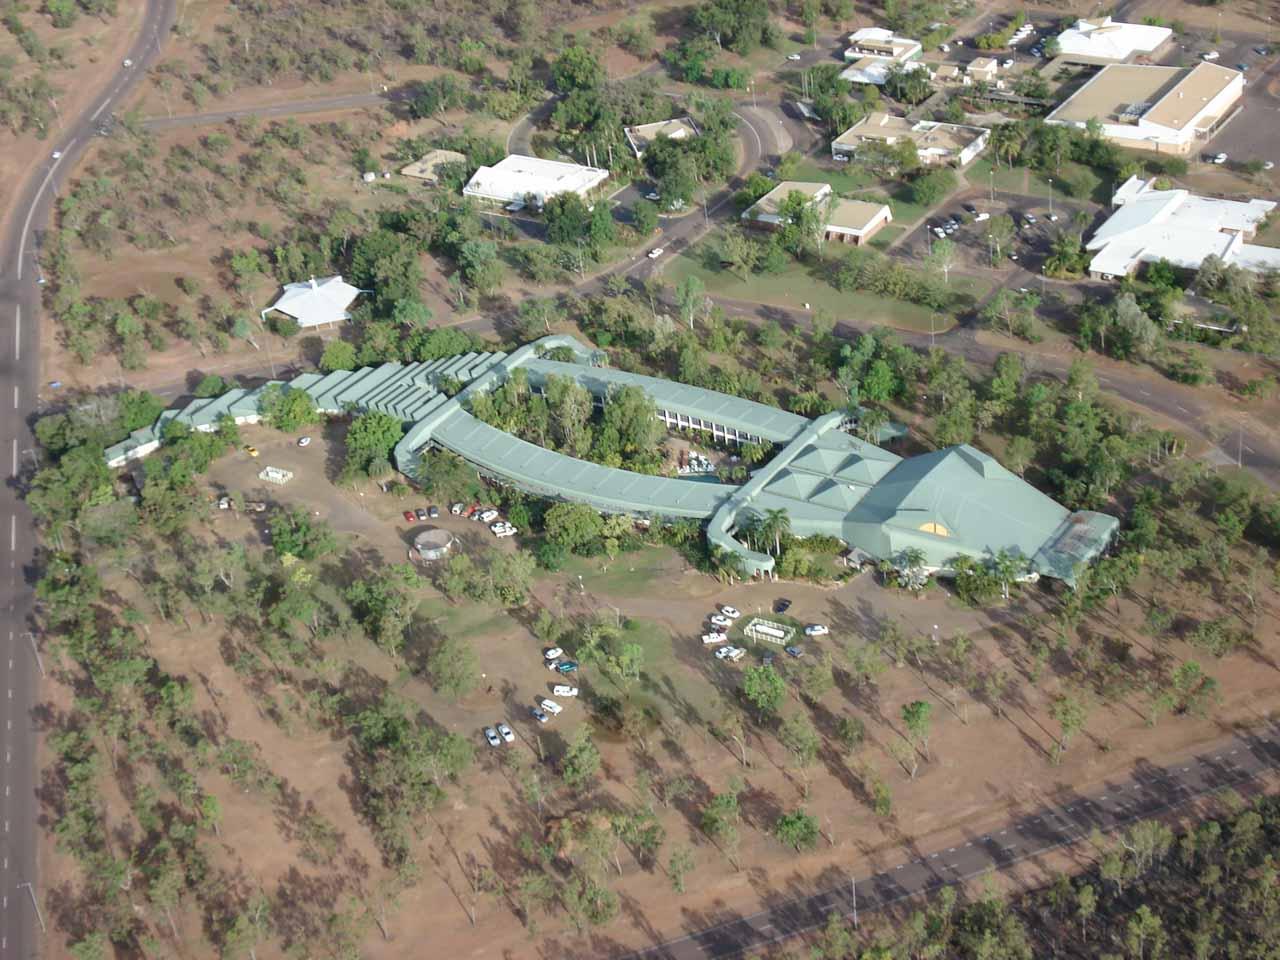 The Kakadu Resort